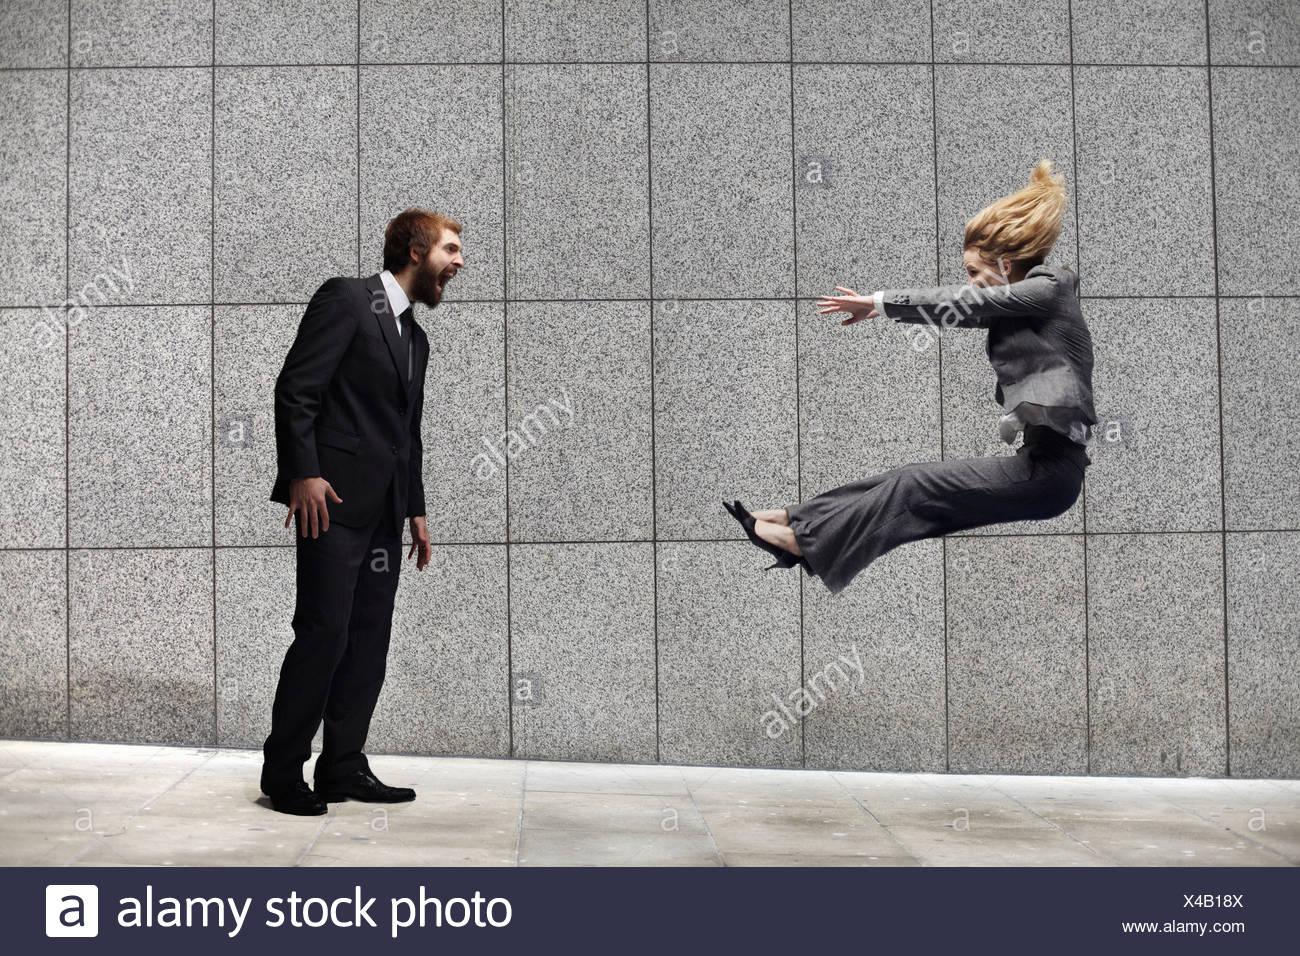 Mann eine Frau schreien Stockbild